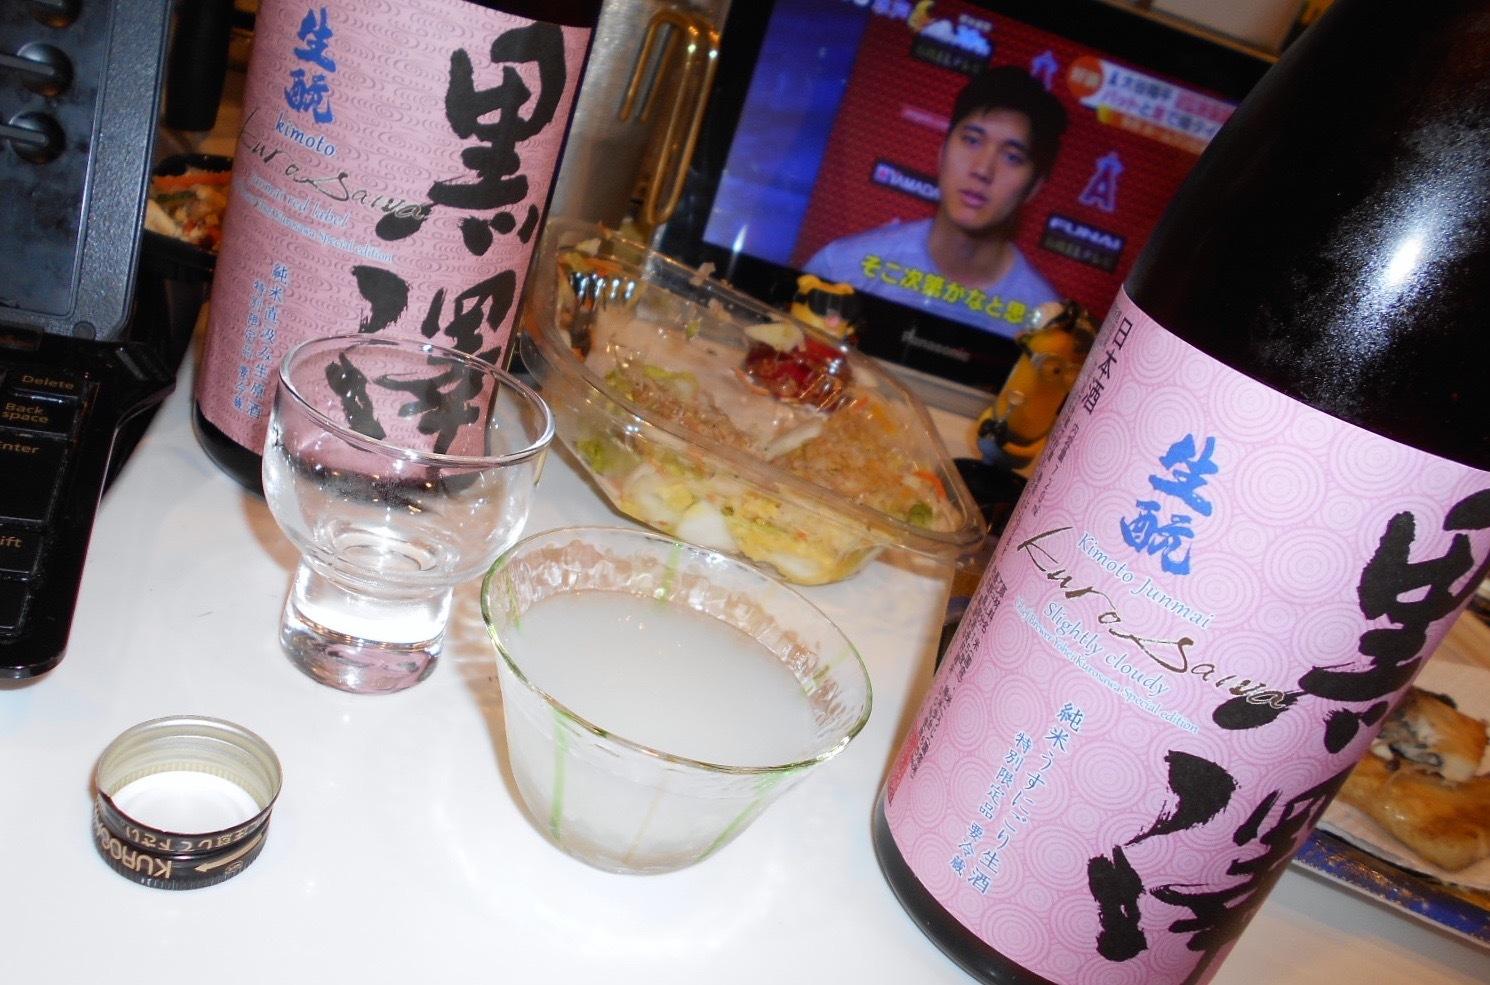 kurosawa_red30by5.jpg